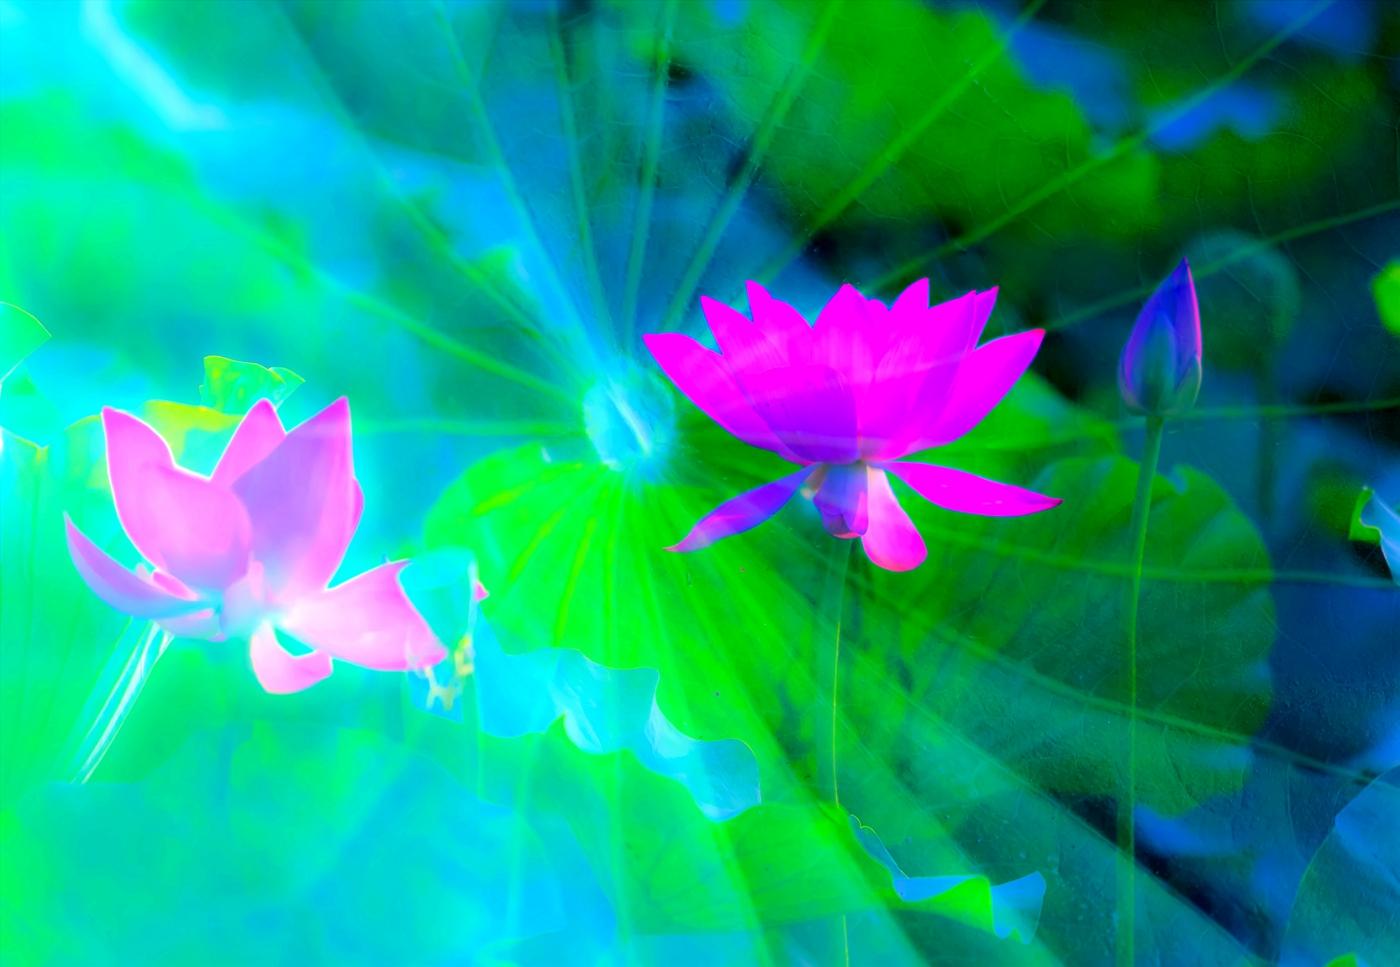 尝试用多重曝光拍摄拍摄湿地红荷_图1-2